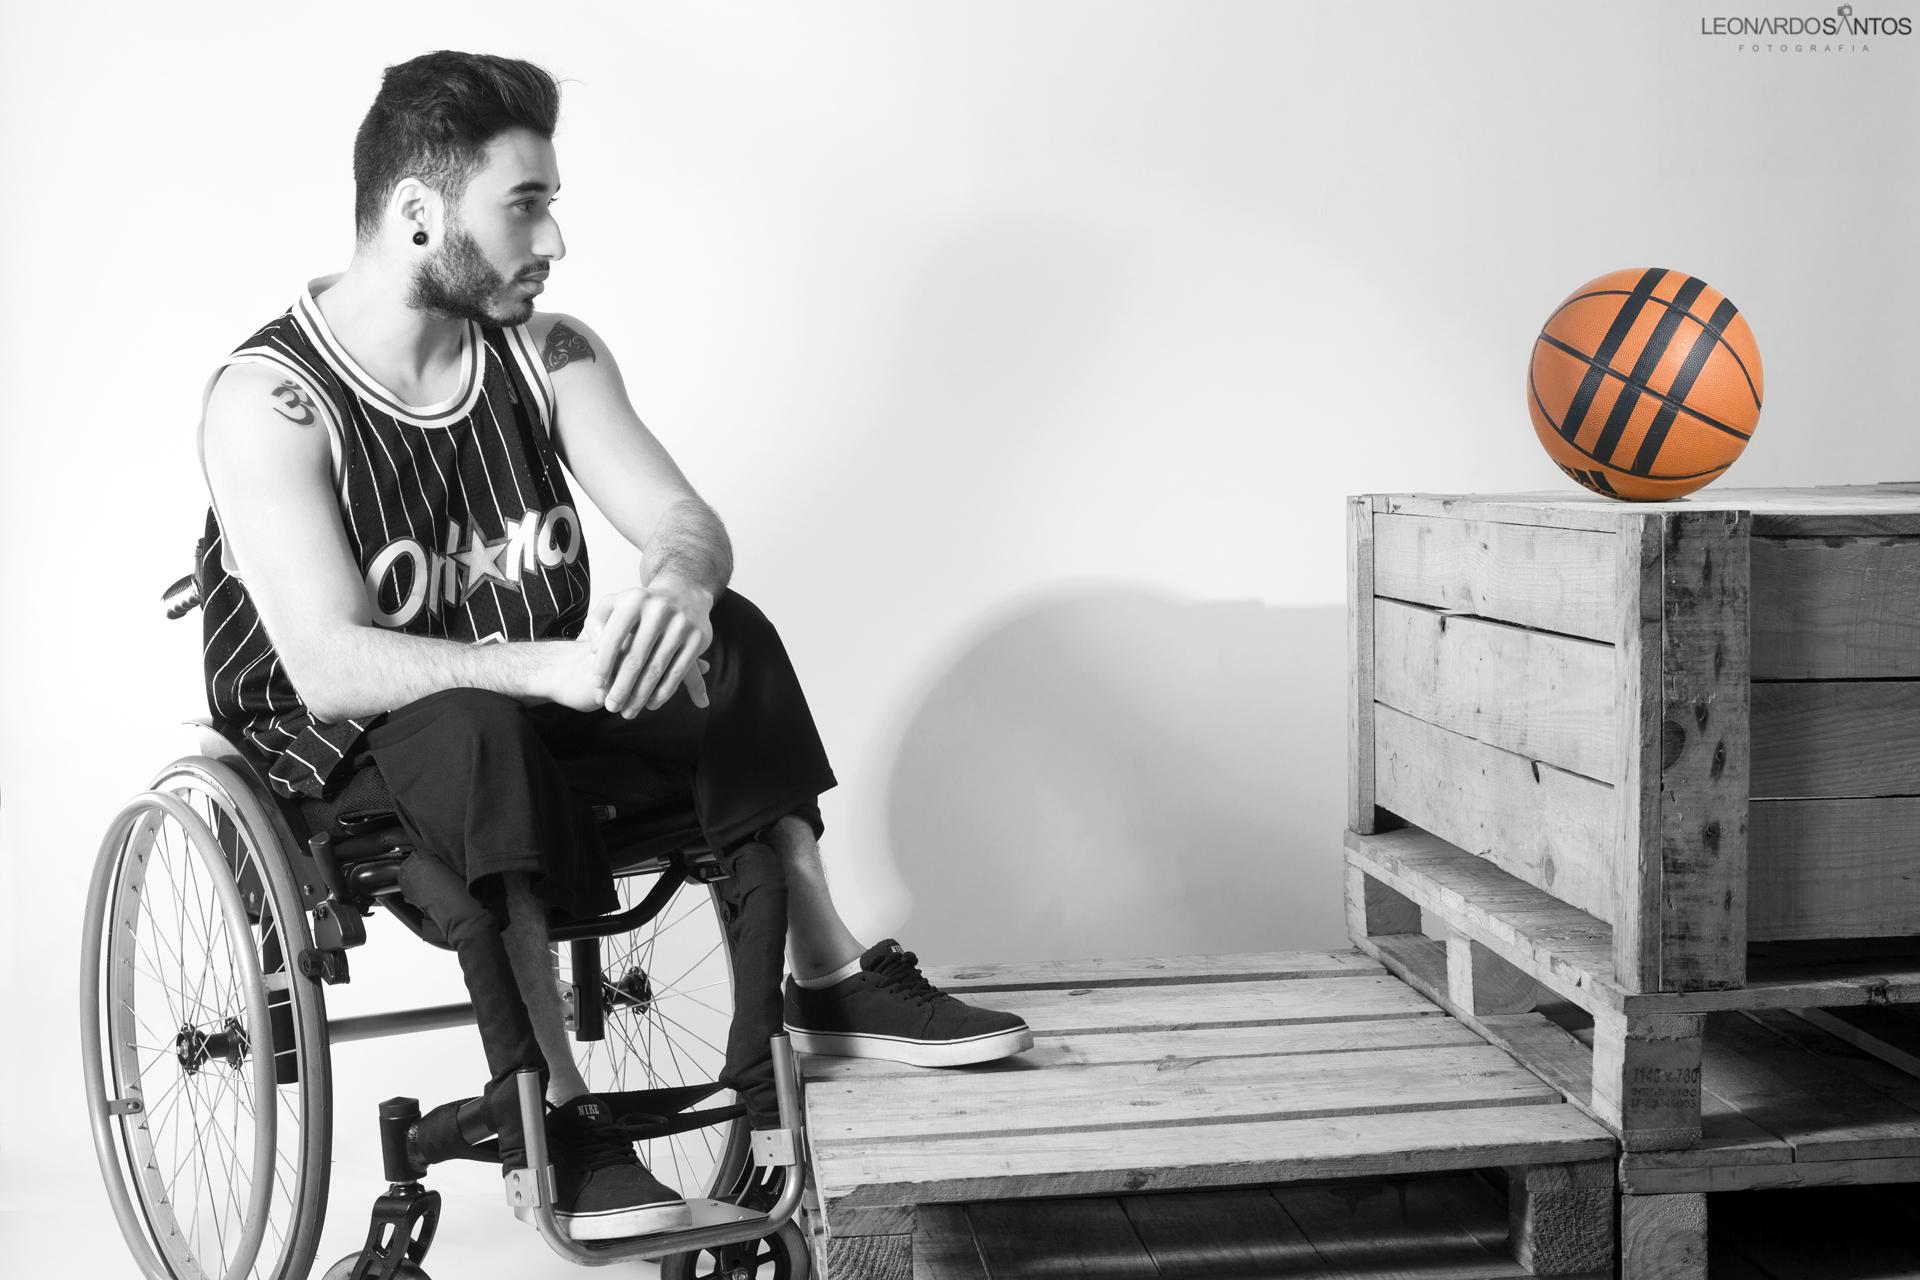 cadeirante atleta Jonathan Wesley ft0